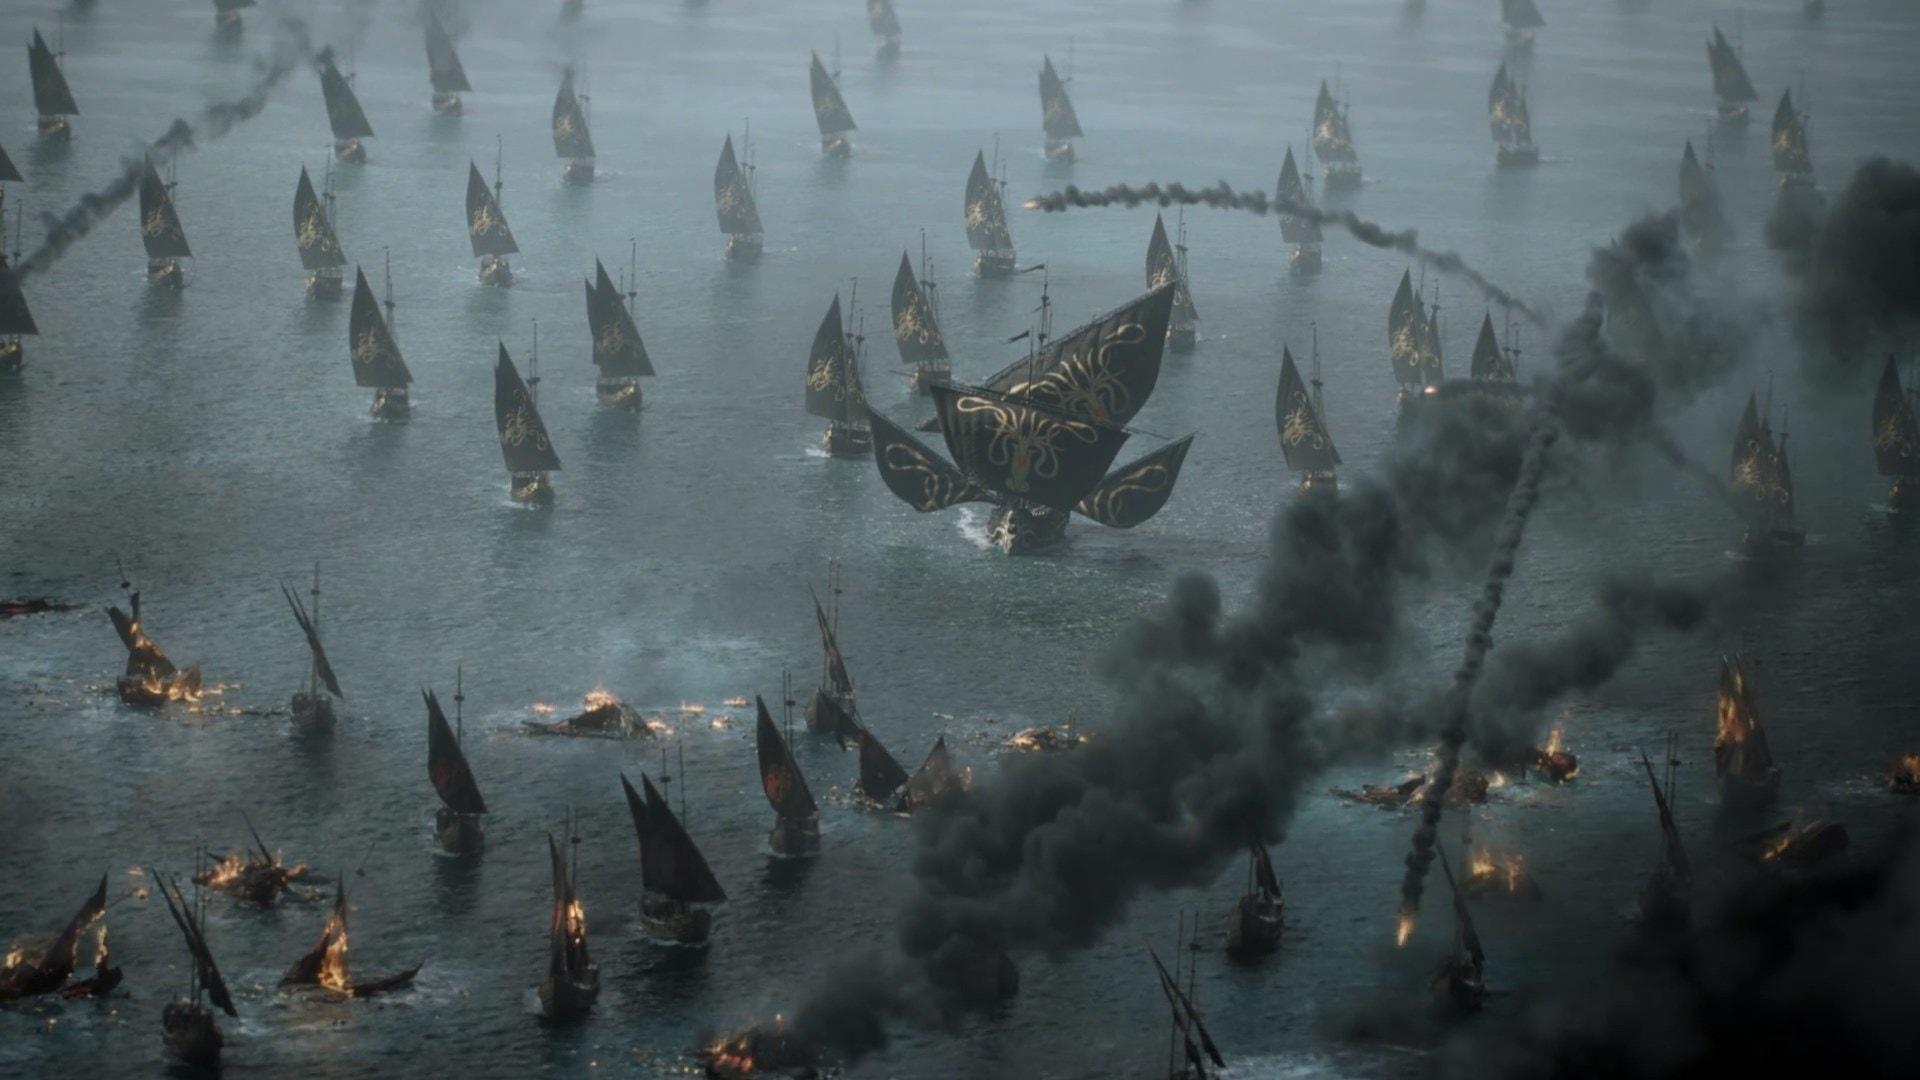 Euron Fleet Casterly Rock 703 Season 7 A Queen's Justice